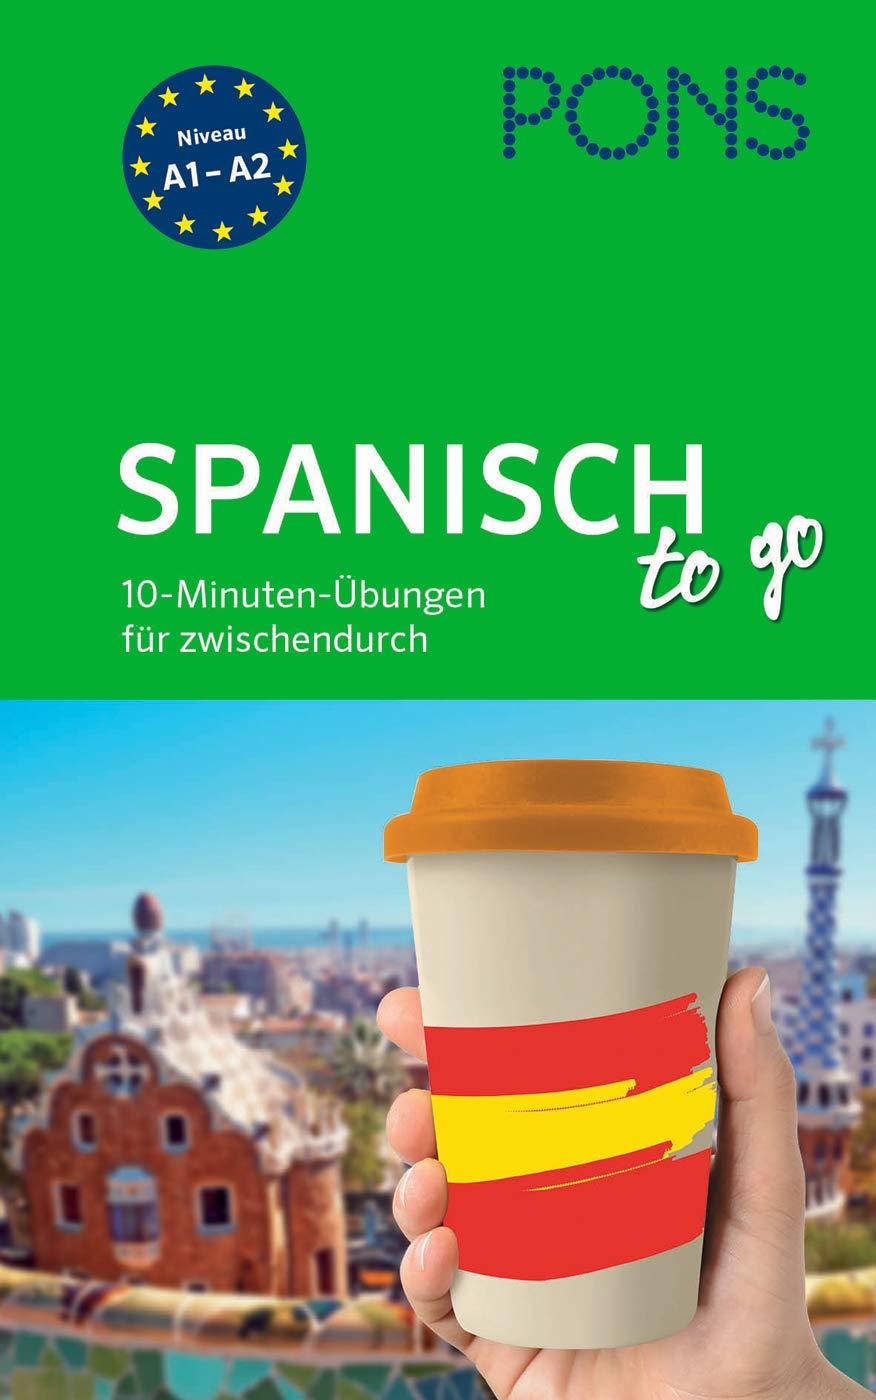 PONS Spanisch Übungen To Go  10 Minuten Übungen Für Zwischendurch  PONS Übungen To Go